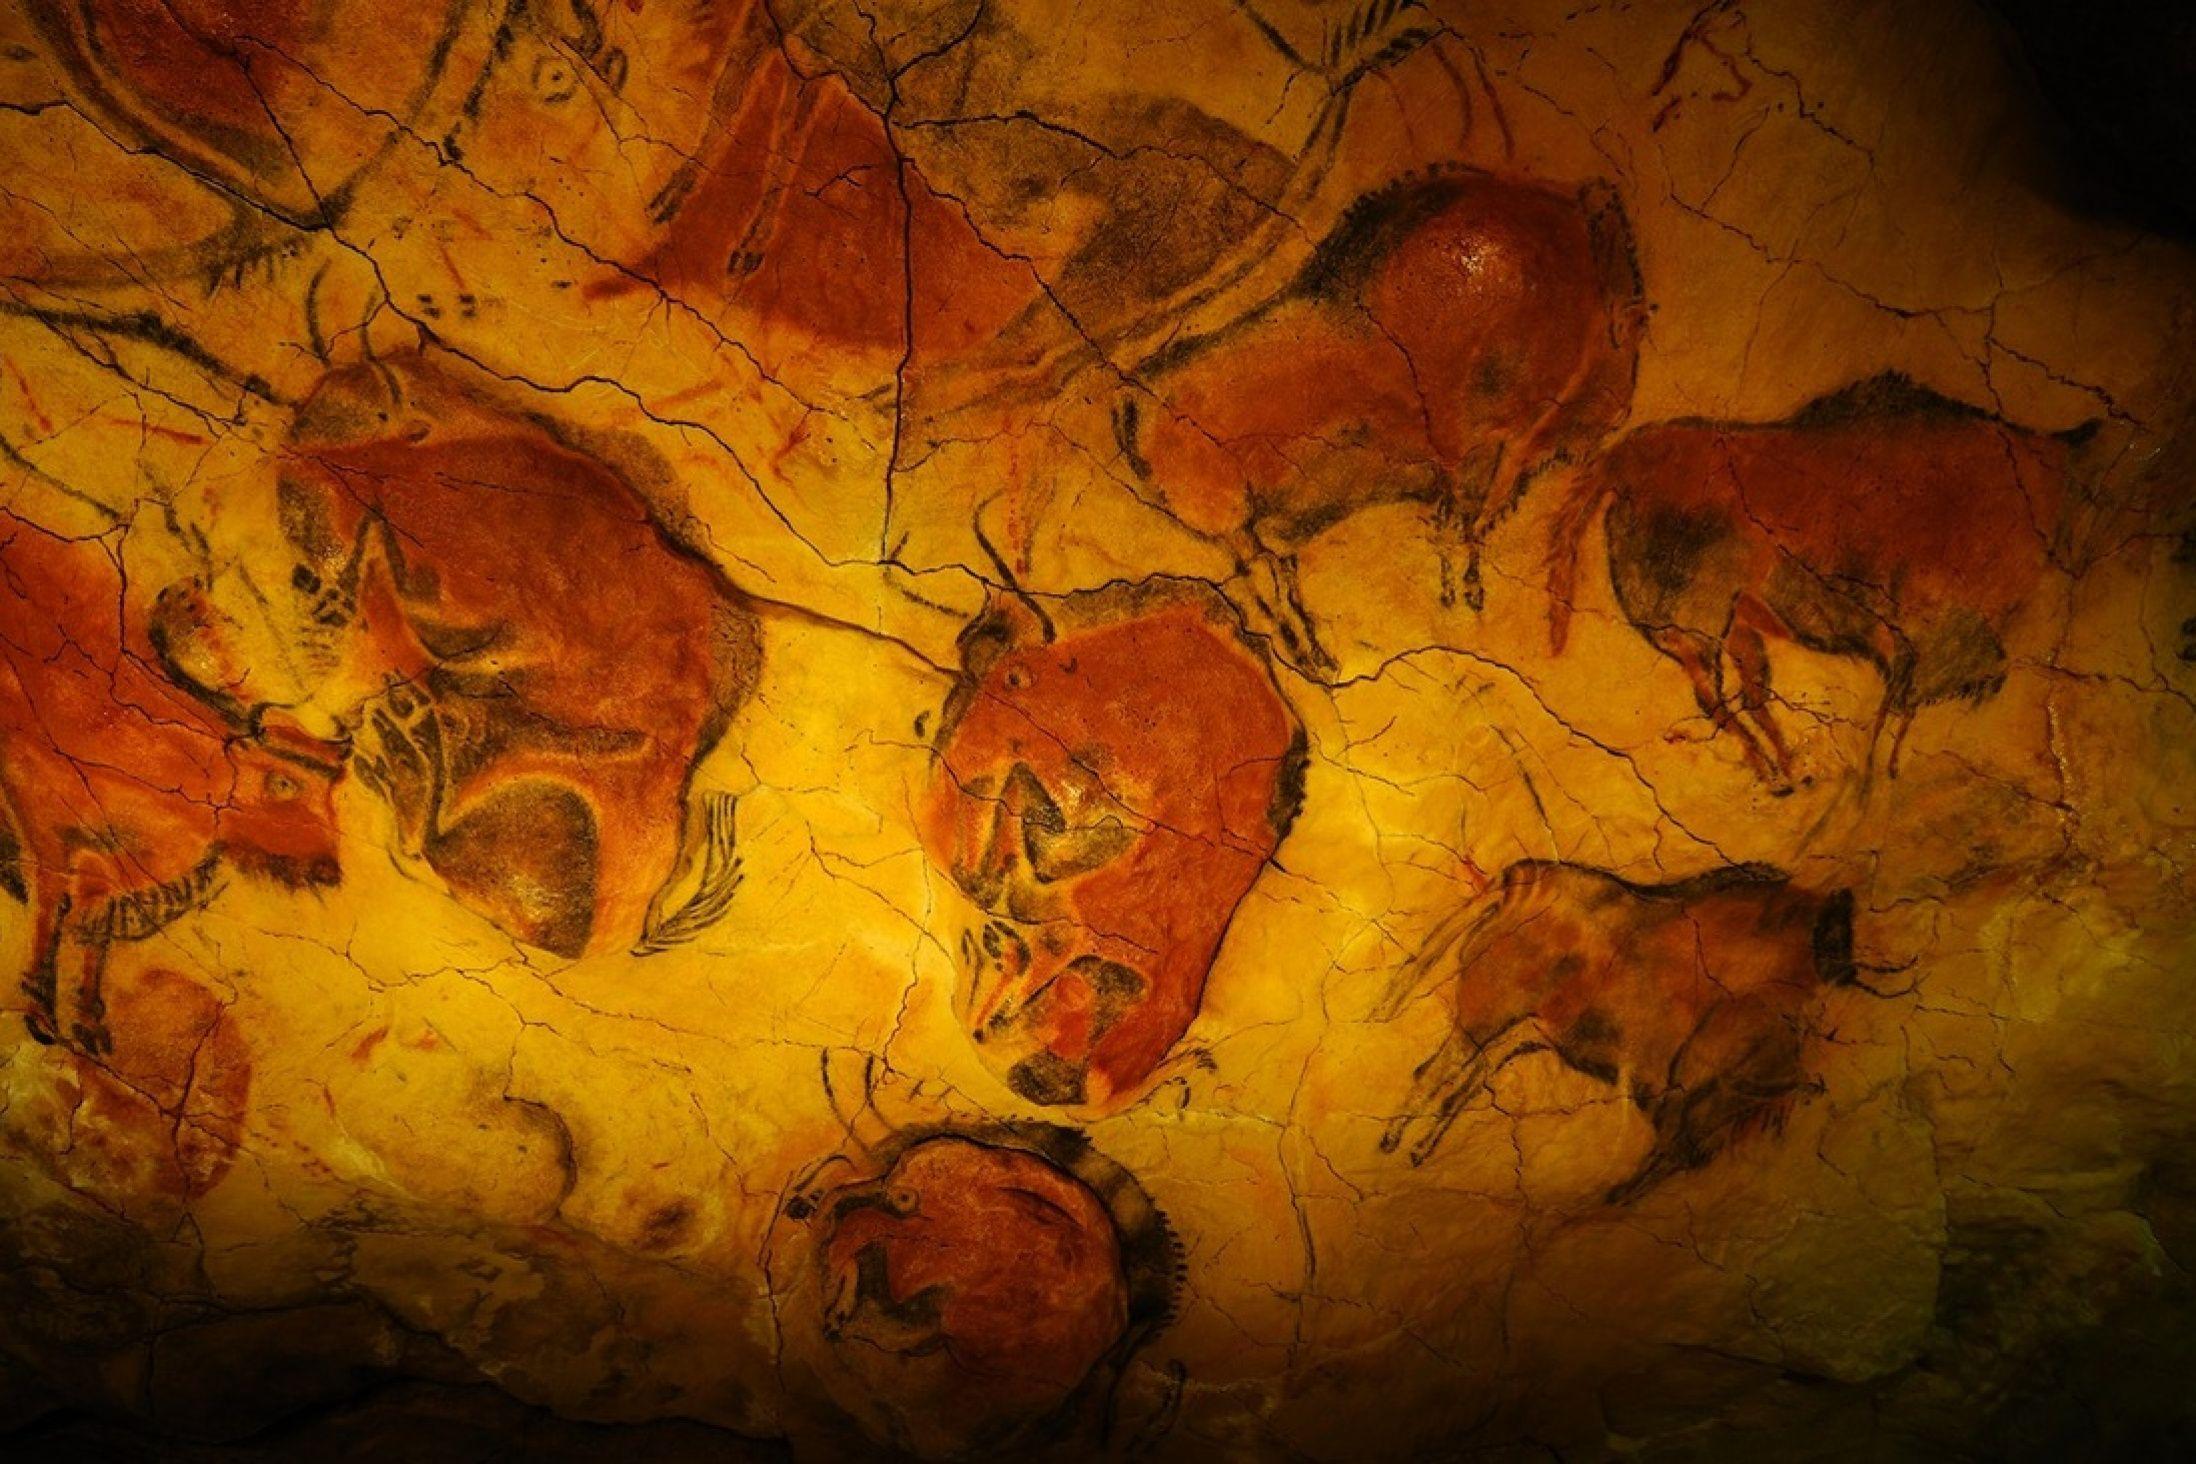 У сапиенсов выявили гены творчества, которых не было у неандертальцев